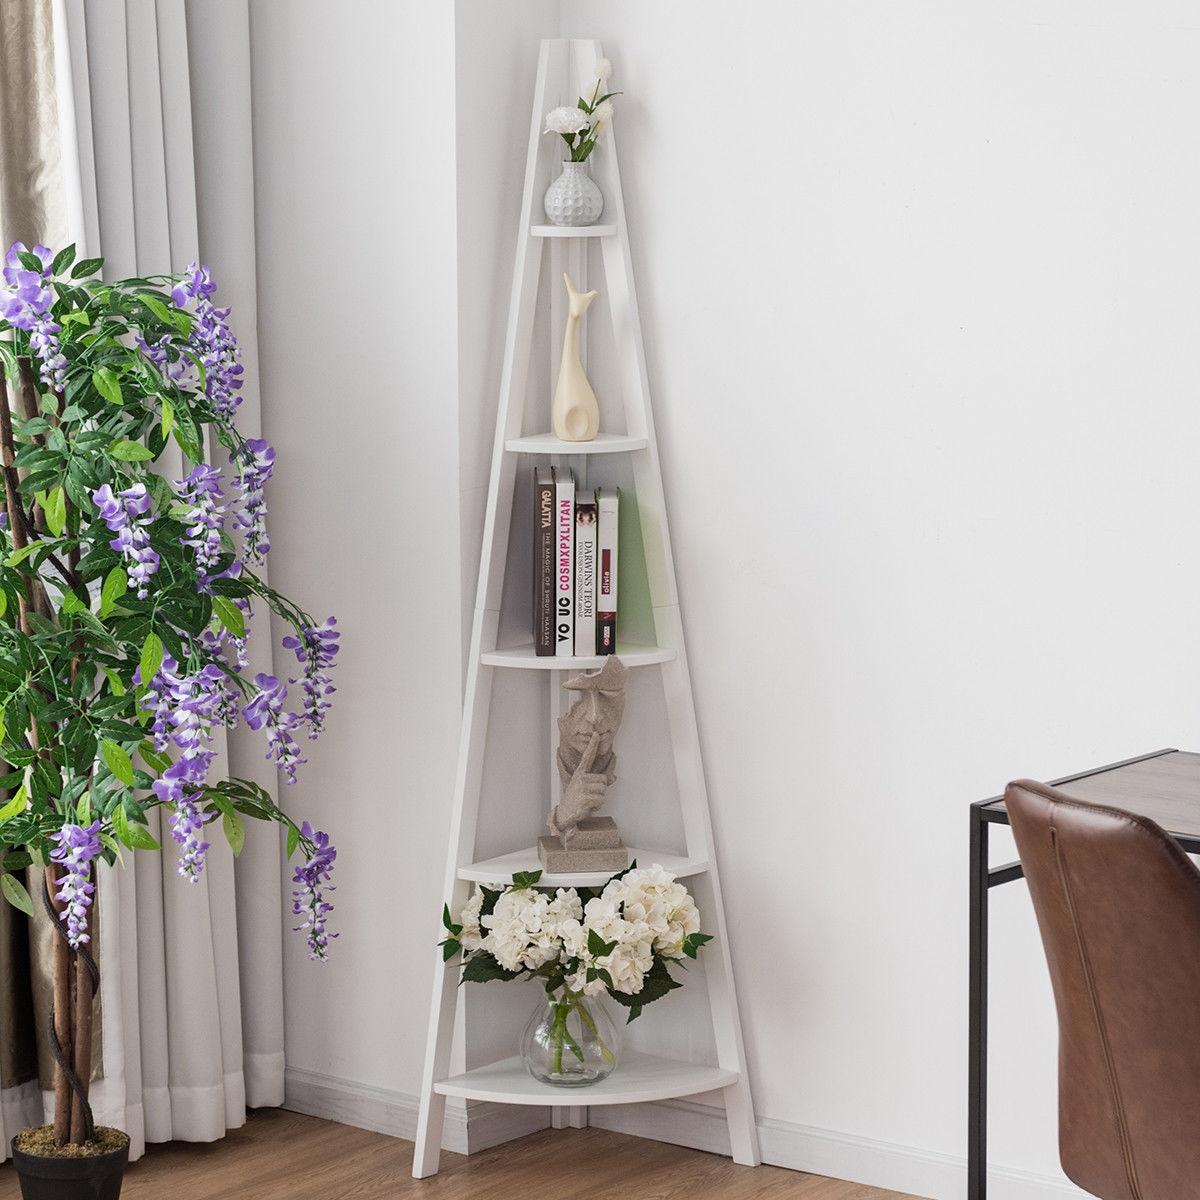 5 Tier Floor Corner Stand Ladder Shelves Bookshelf-White